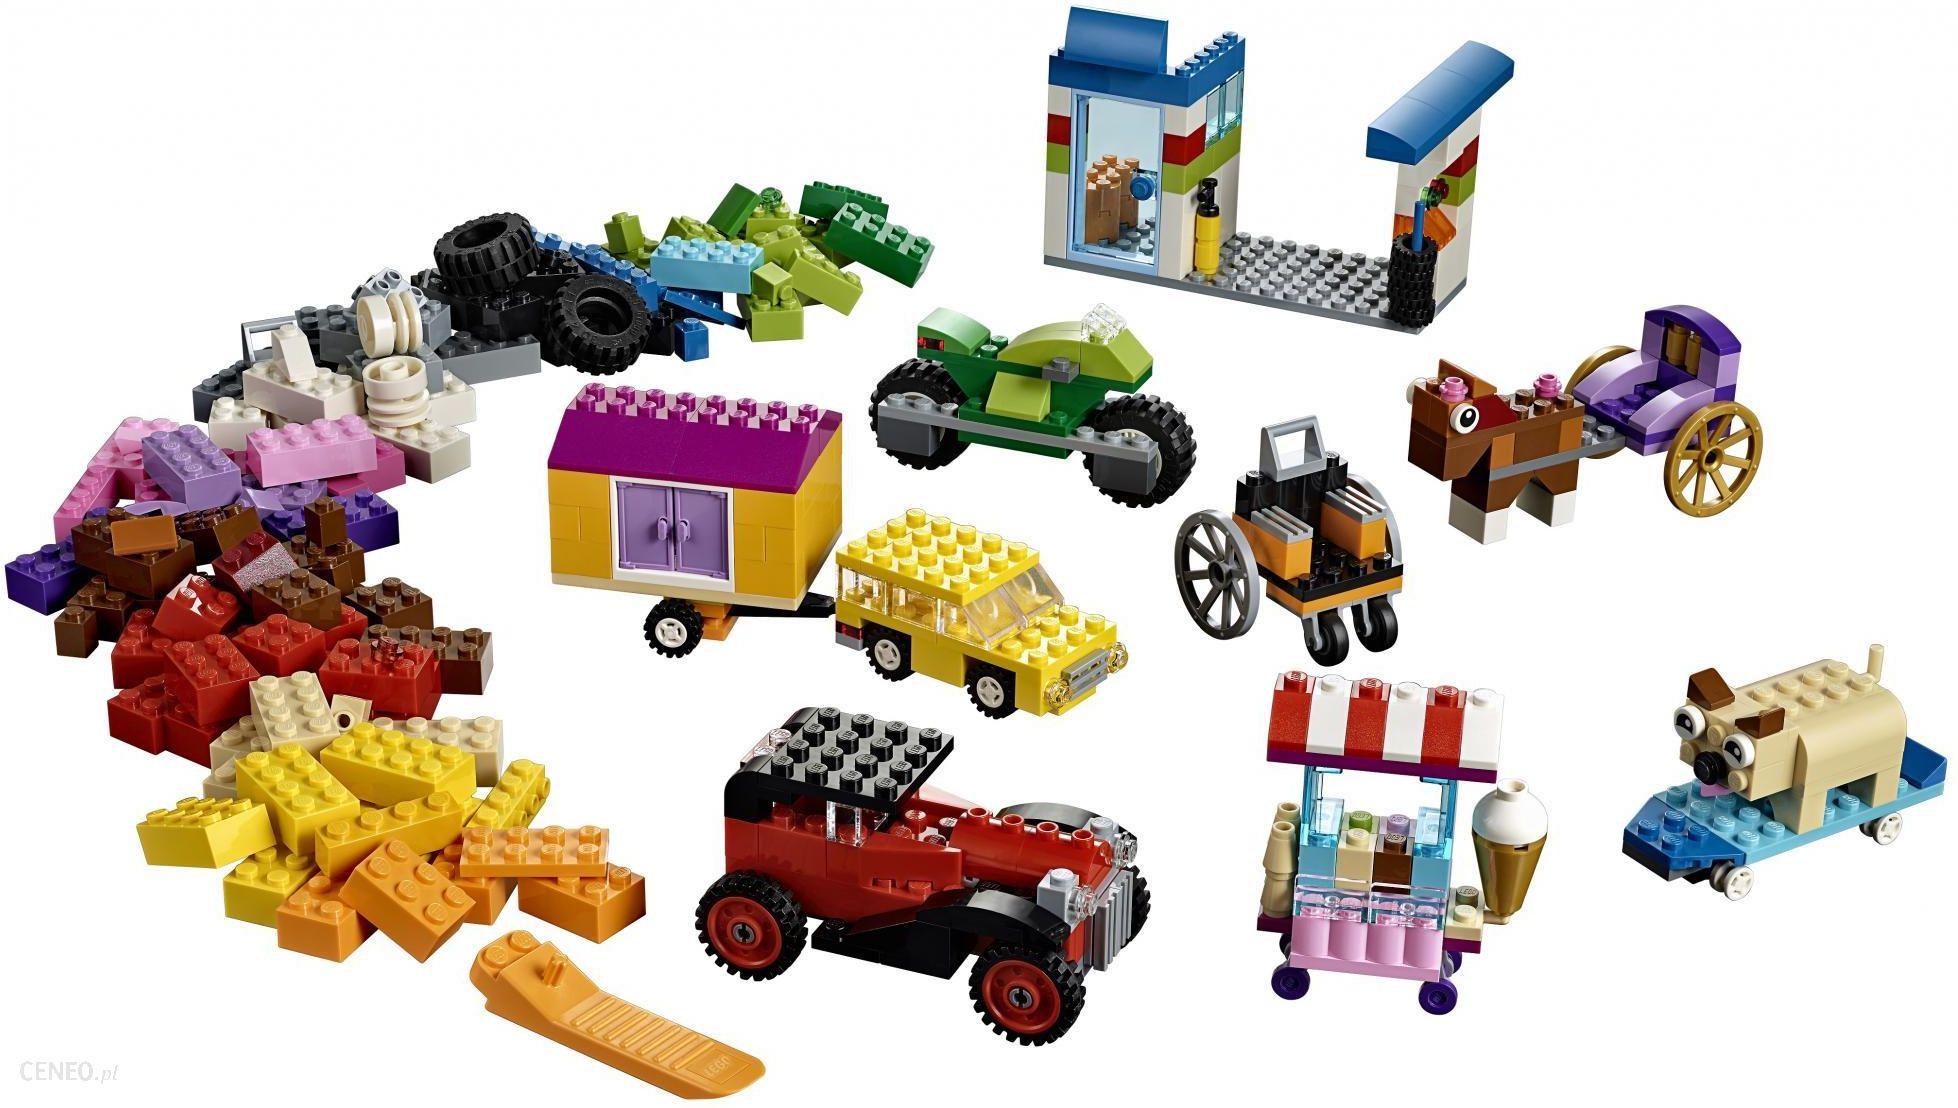 Klocki Lego Classic Klocki Na Kółkach 10715 Ceny I Opinie Ceneopl